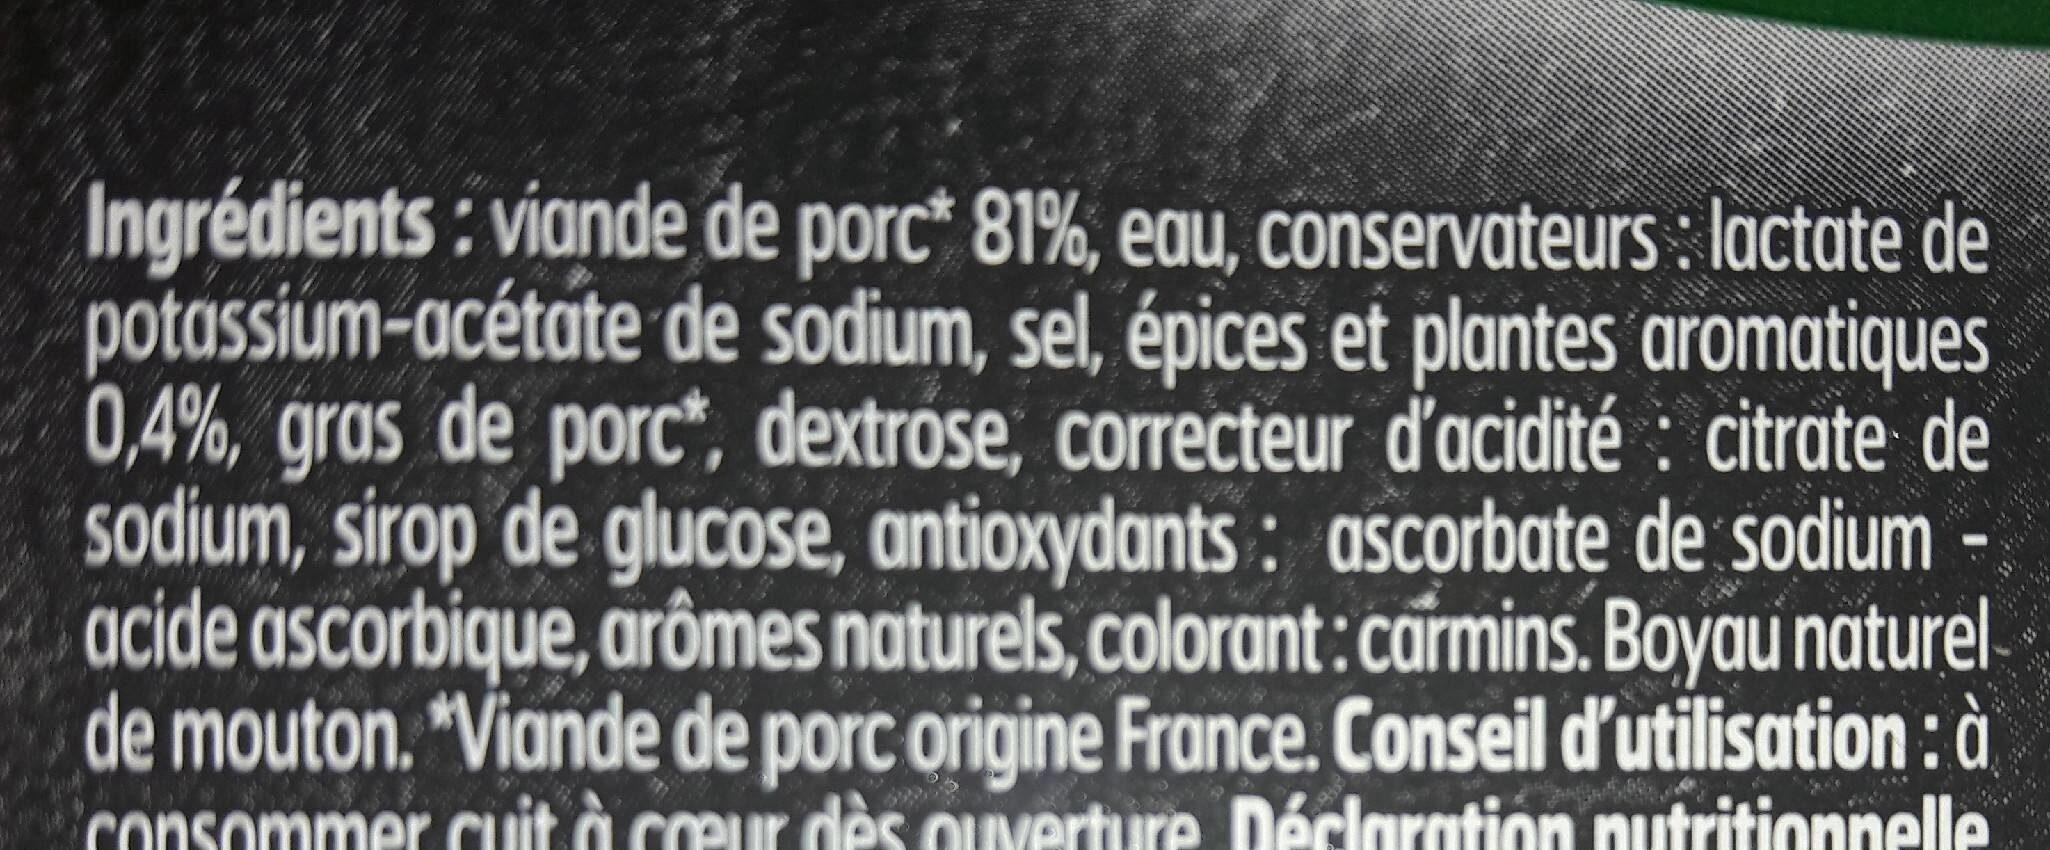 Chipolatas aux herbes - Ingrédients - fr